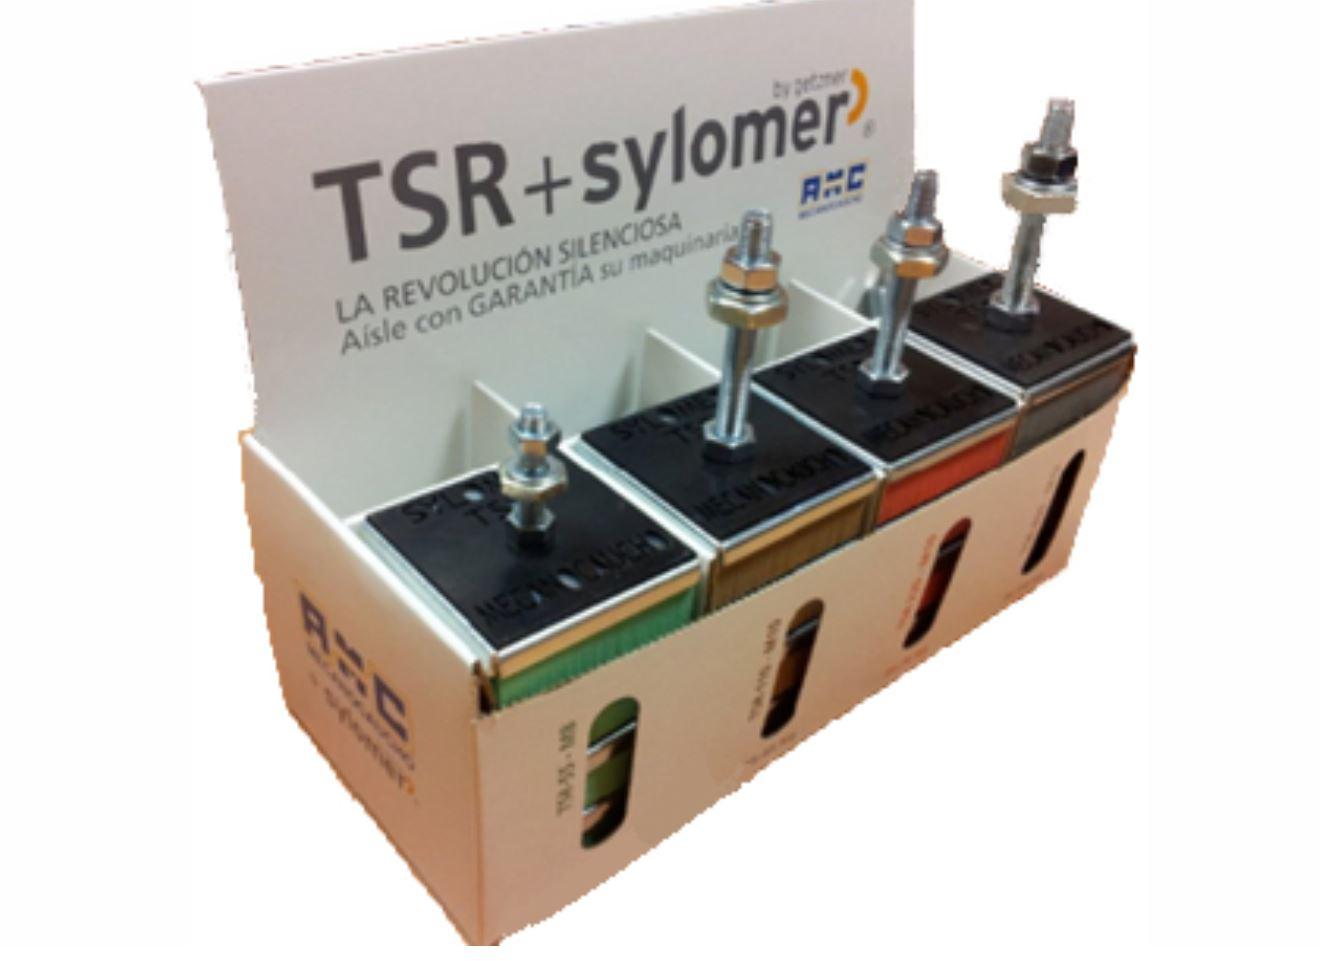 TSR 4